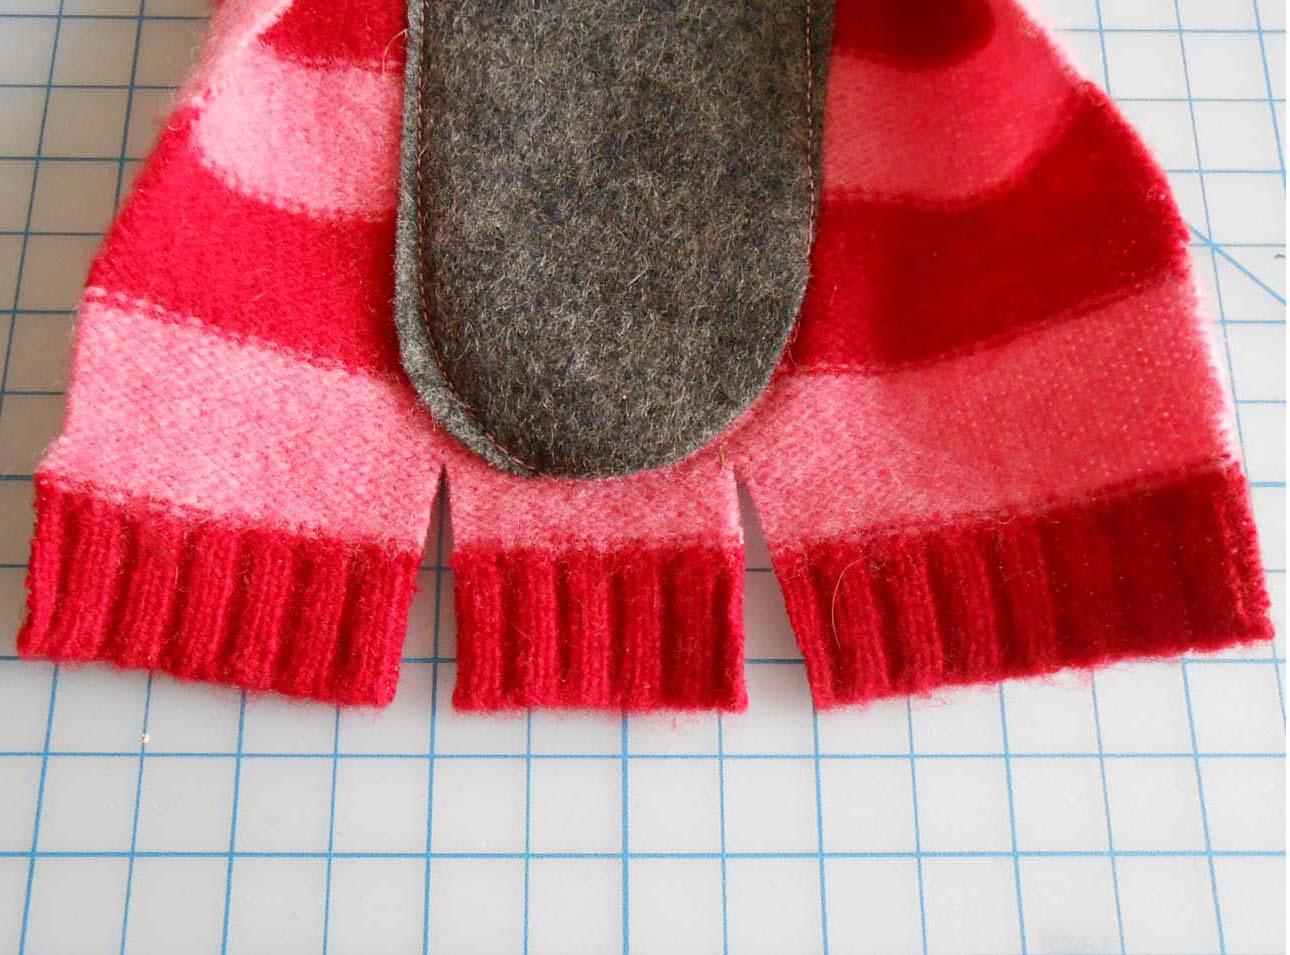 Переделка старого свитера в носки Мастер-класс своими руками 90